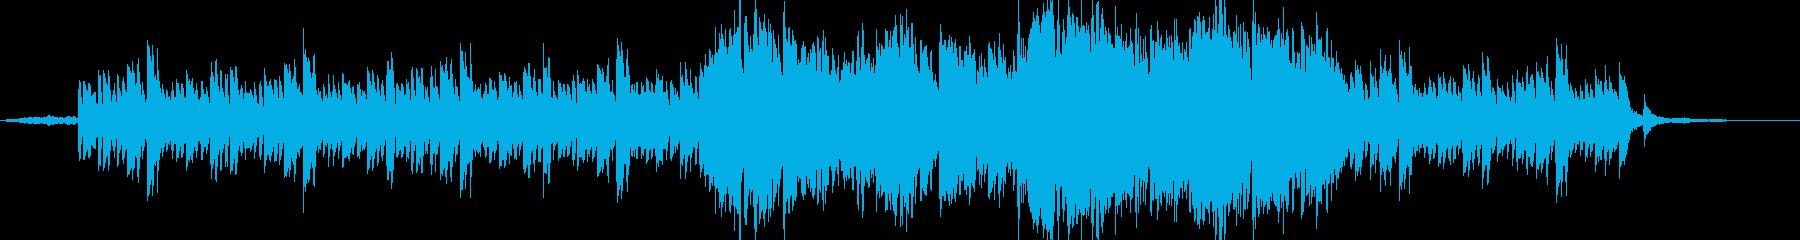 アンビエント 感情的 バラード 弦...の再生済みの波形